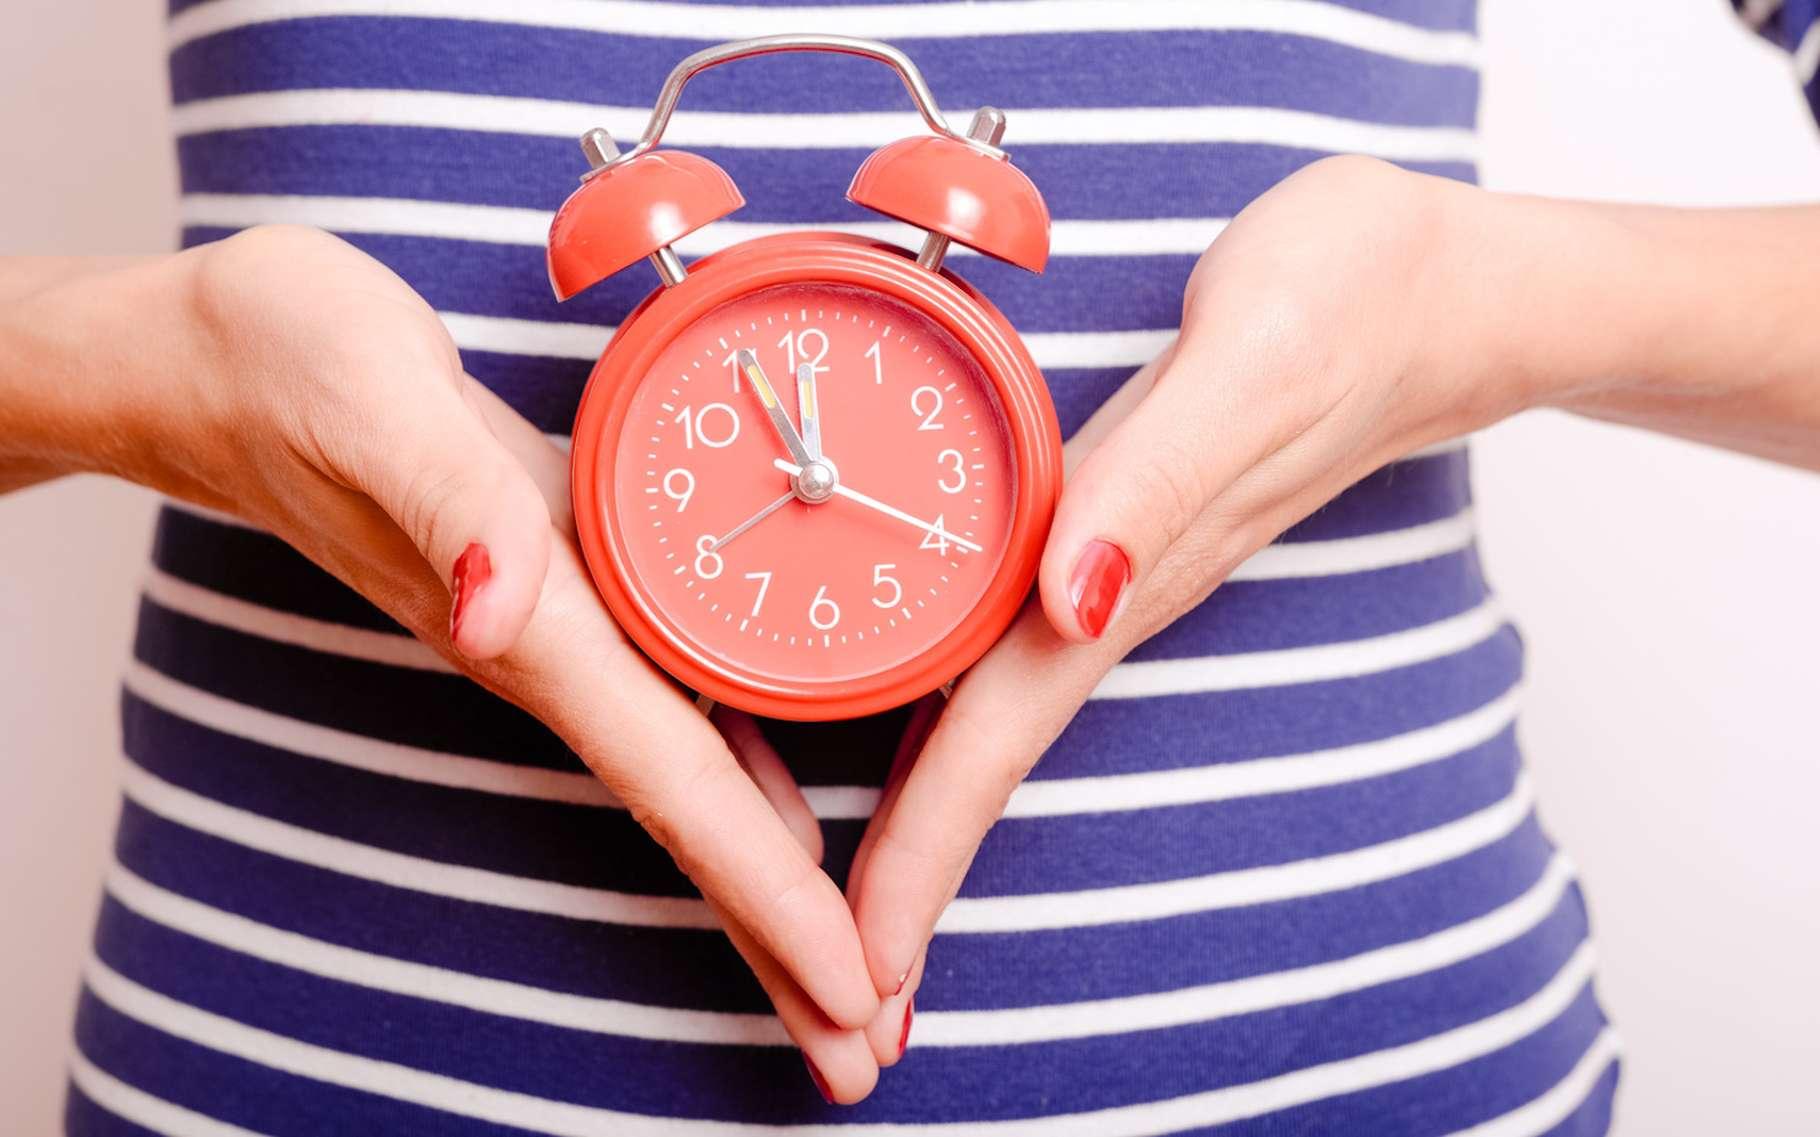 Grâce à un nouveau test grandement simplifié, les chercheurs vont pouvoir étudier de manière plus systématique le lien entre notre horloge biologique et notre santé. De quoi, espèrent-ils, mettre au point une médecine personnalisée, qui suivra le rythme de notre organisme. © aquar, Fotolia